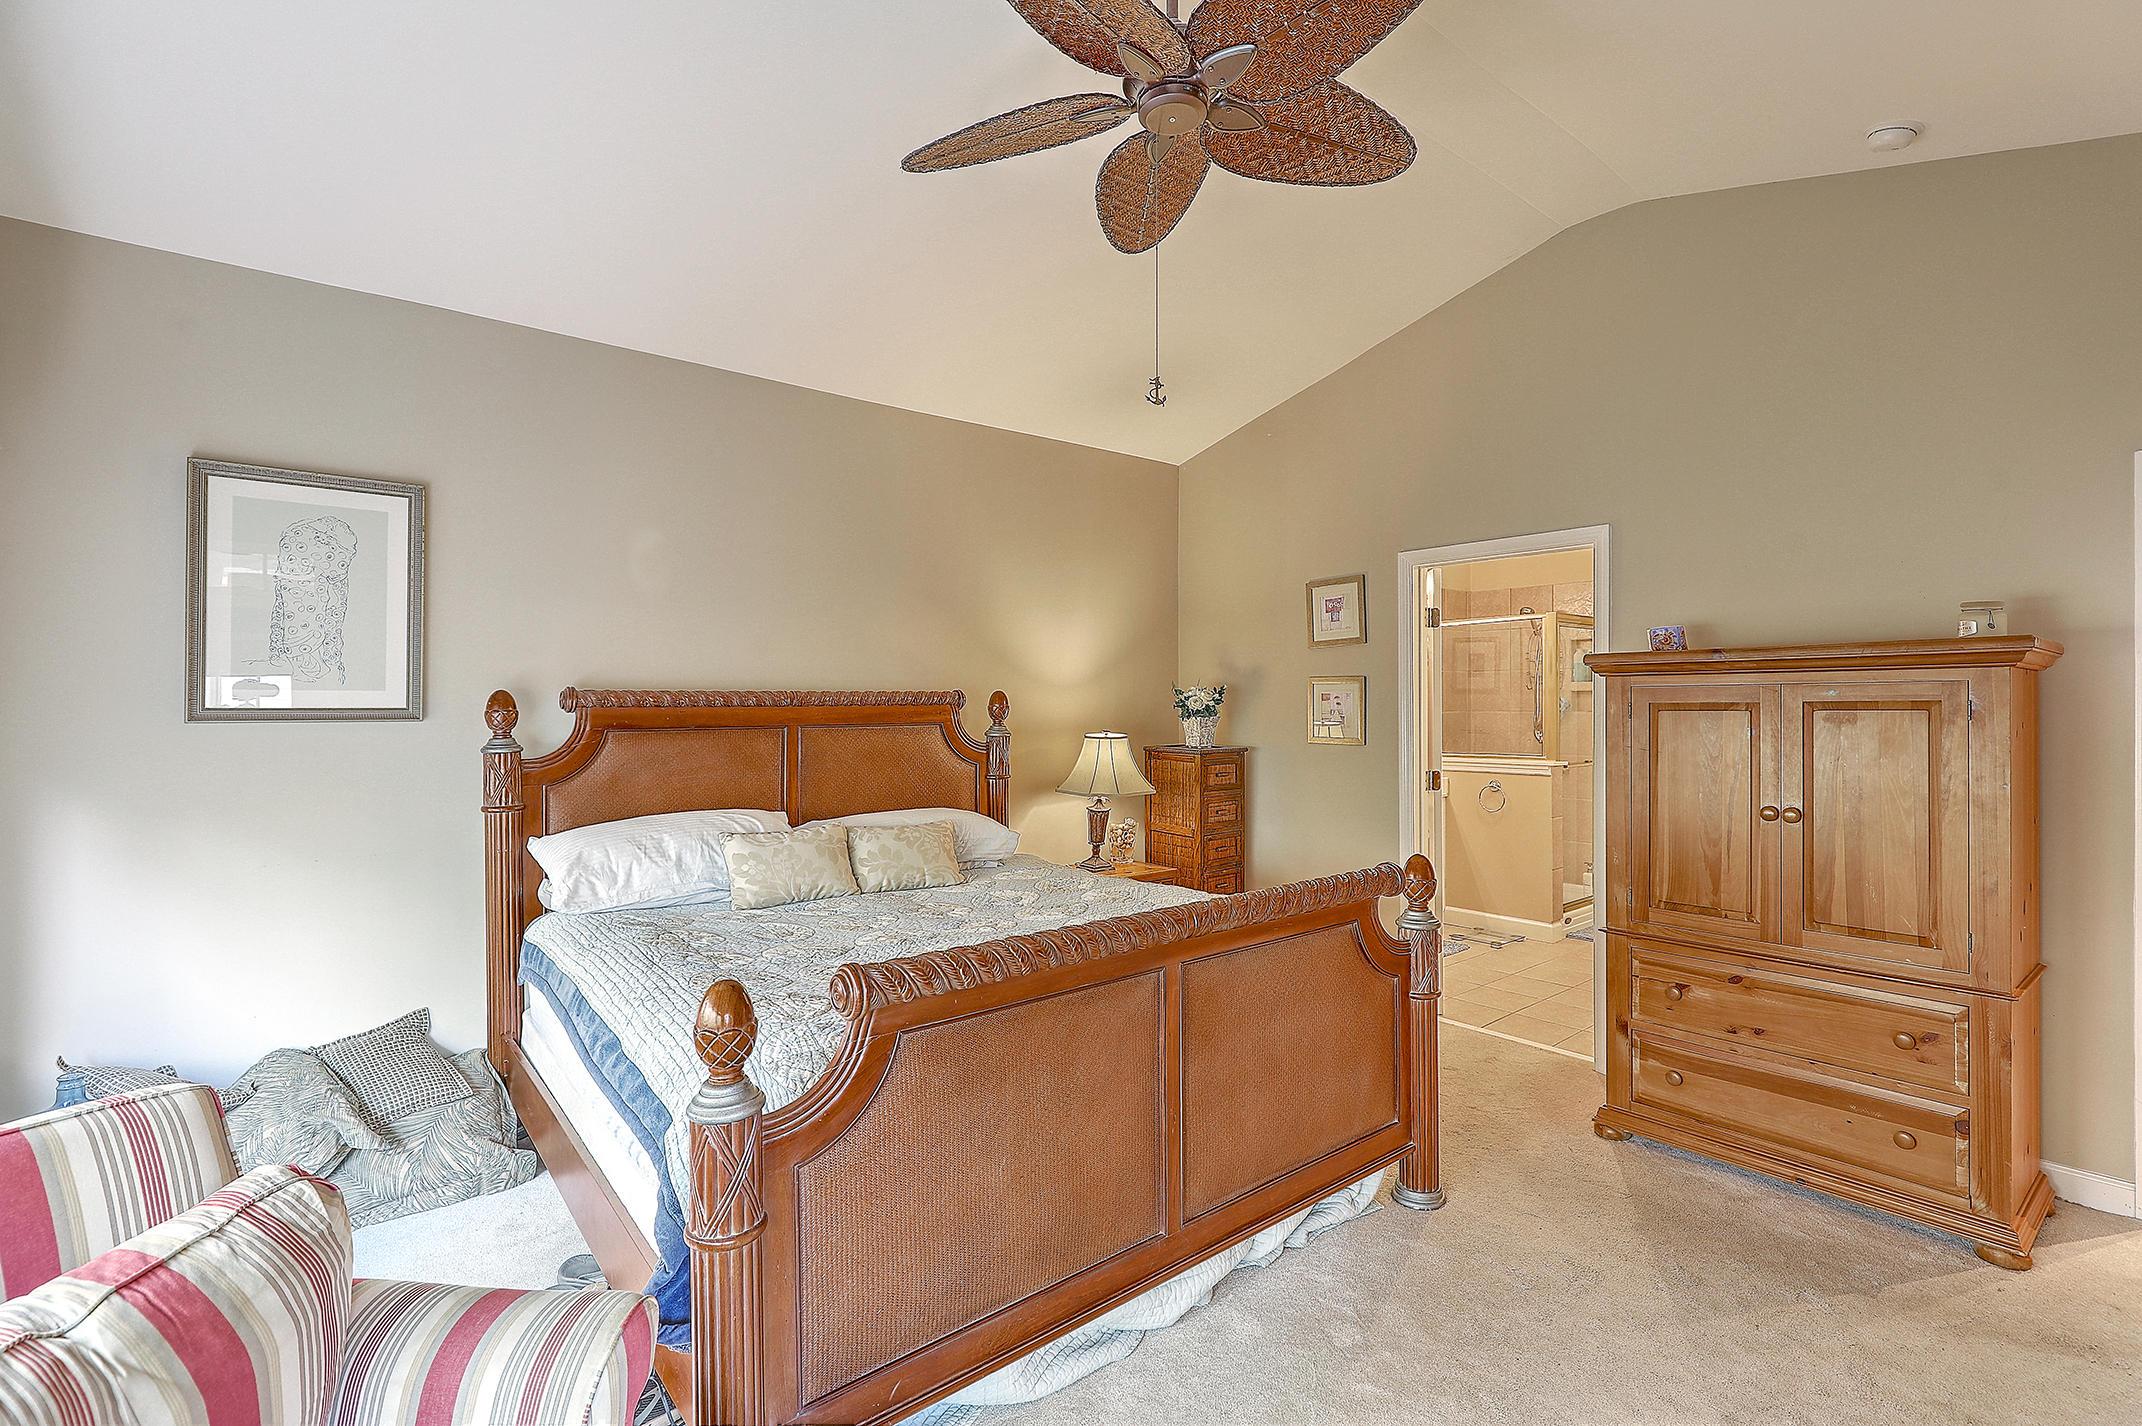 Dunes West Homes For Sale - 129 Palm Cove, Mount Pleasant, SC - 8